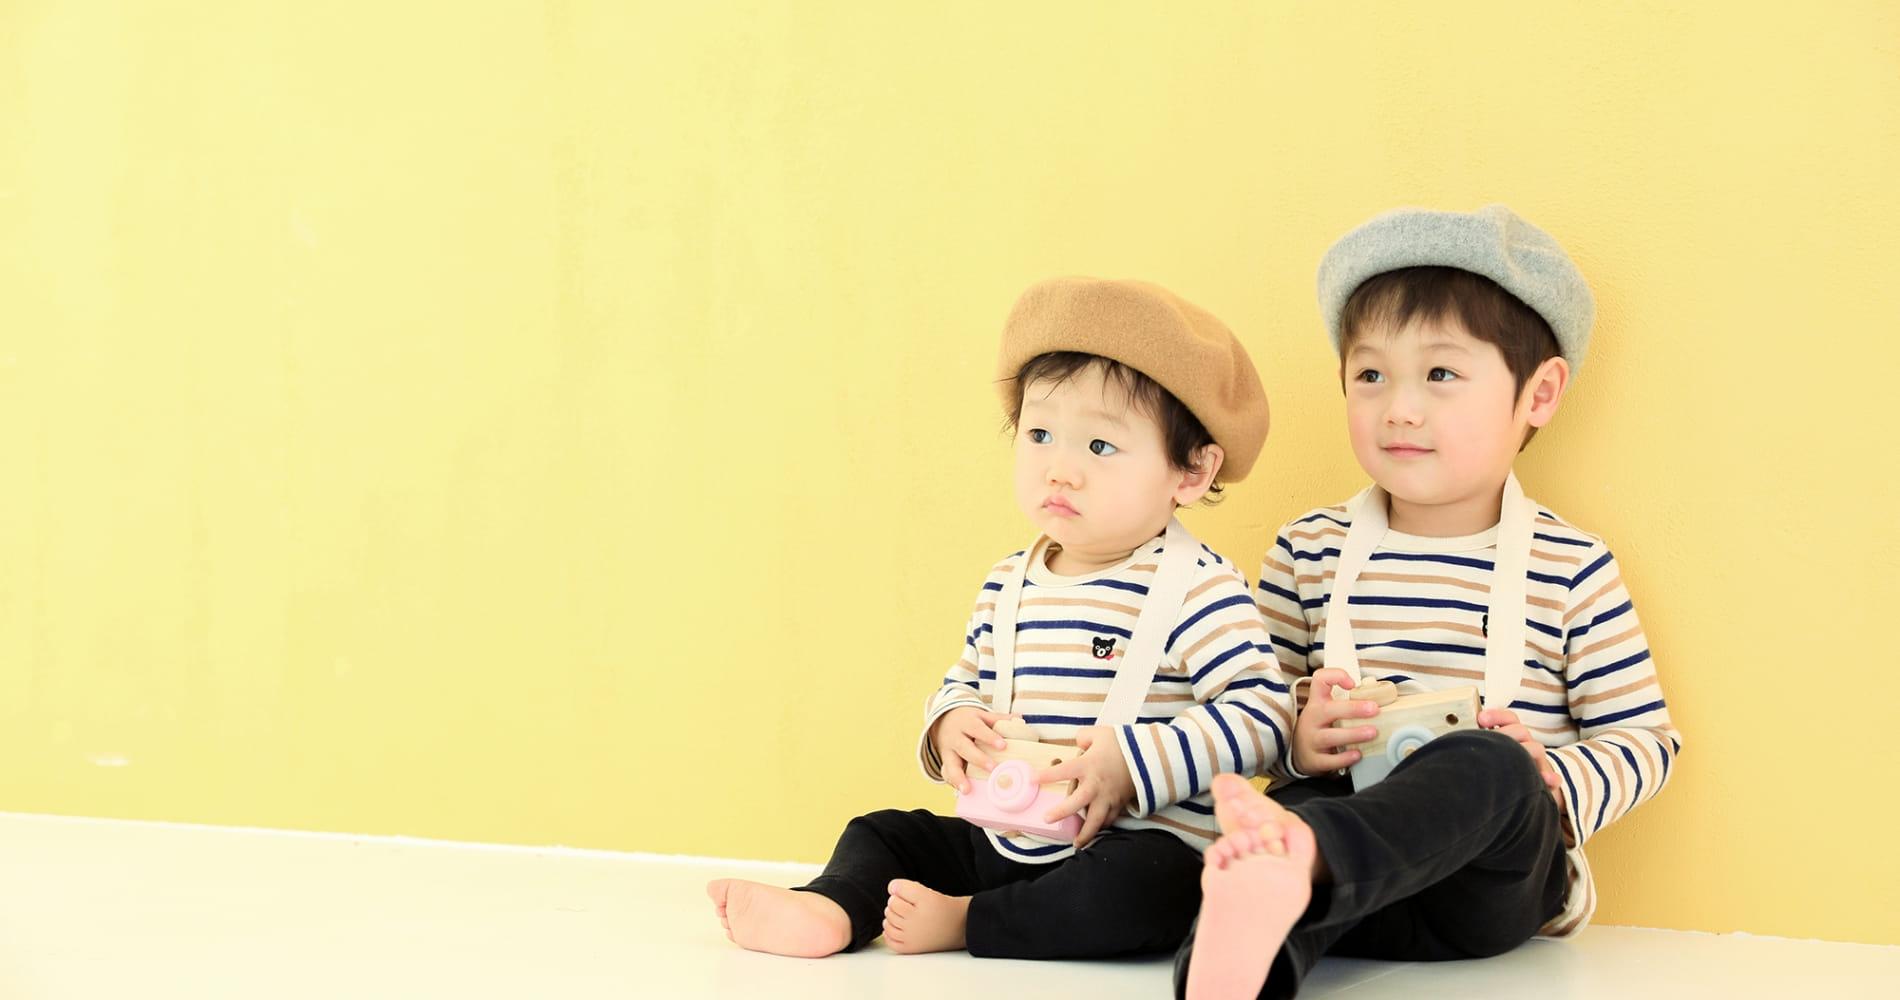 子どもが二人が座っている写真